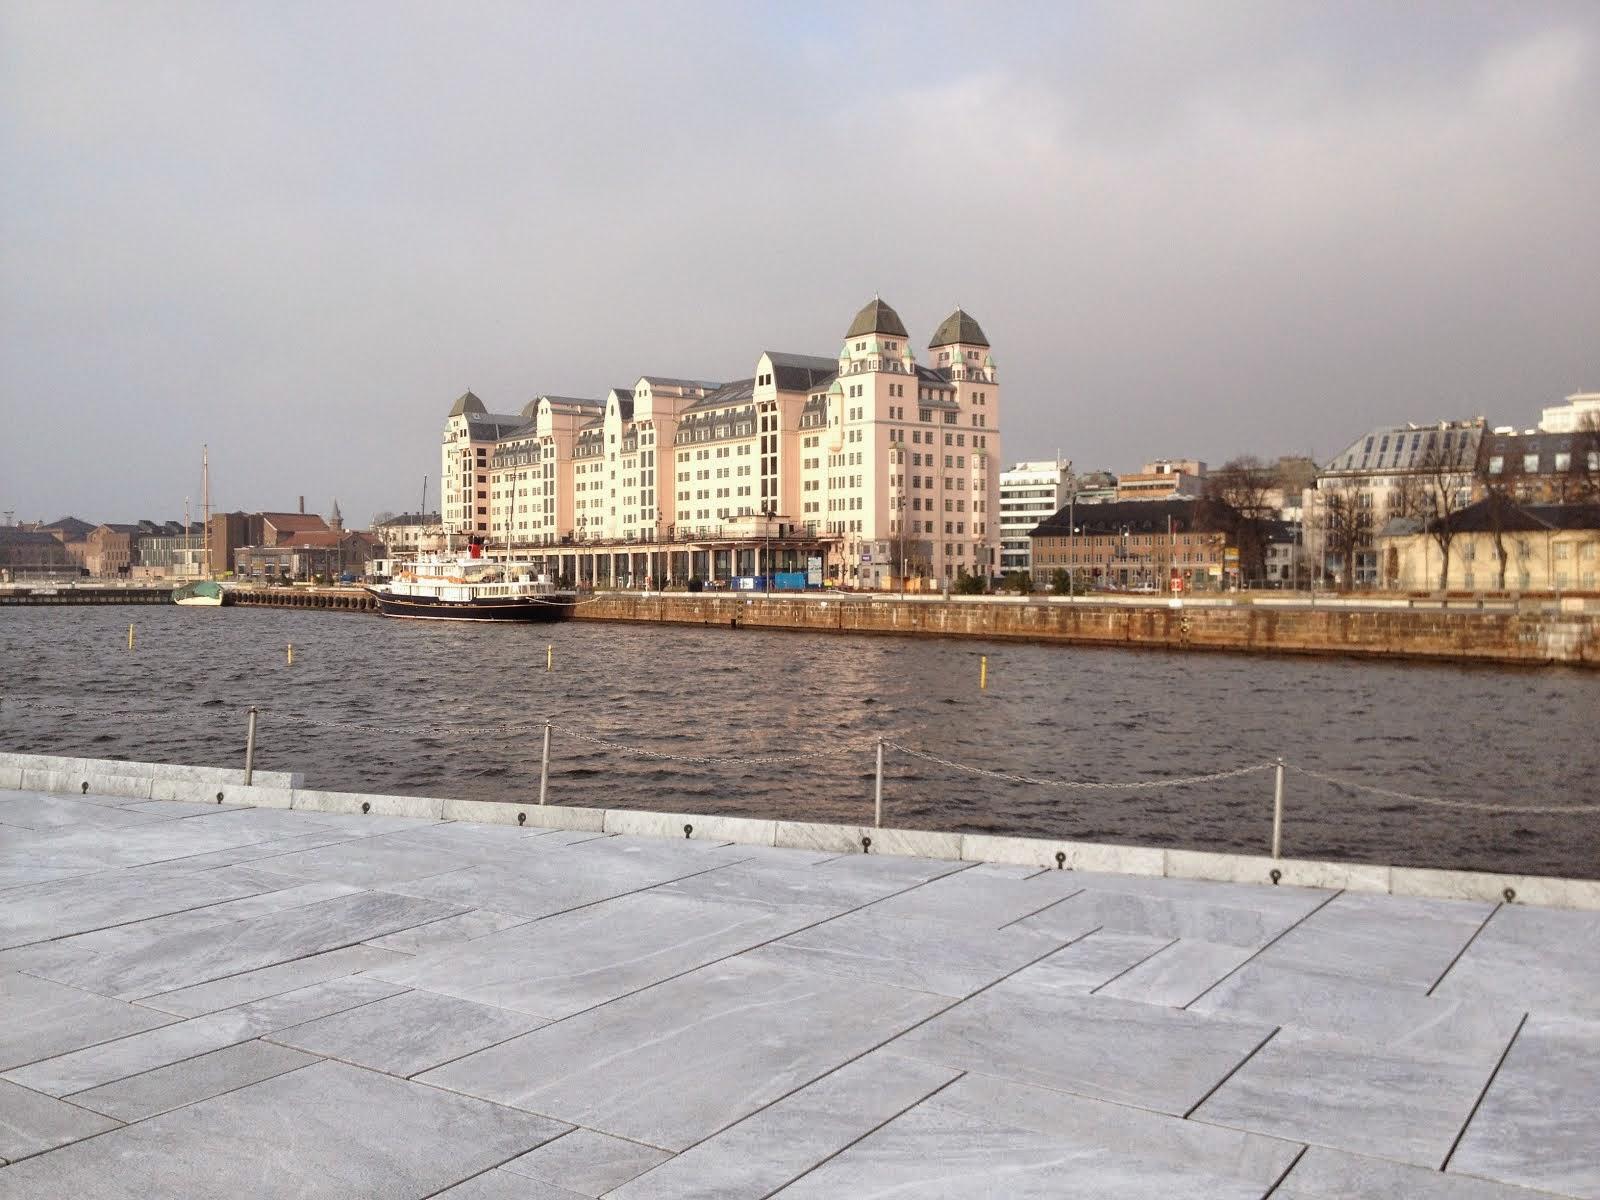 Bilden tagen från Operataket i Oslo